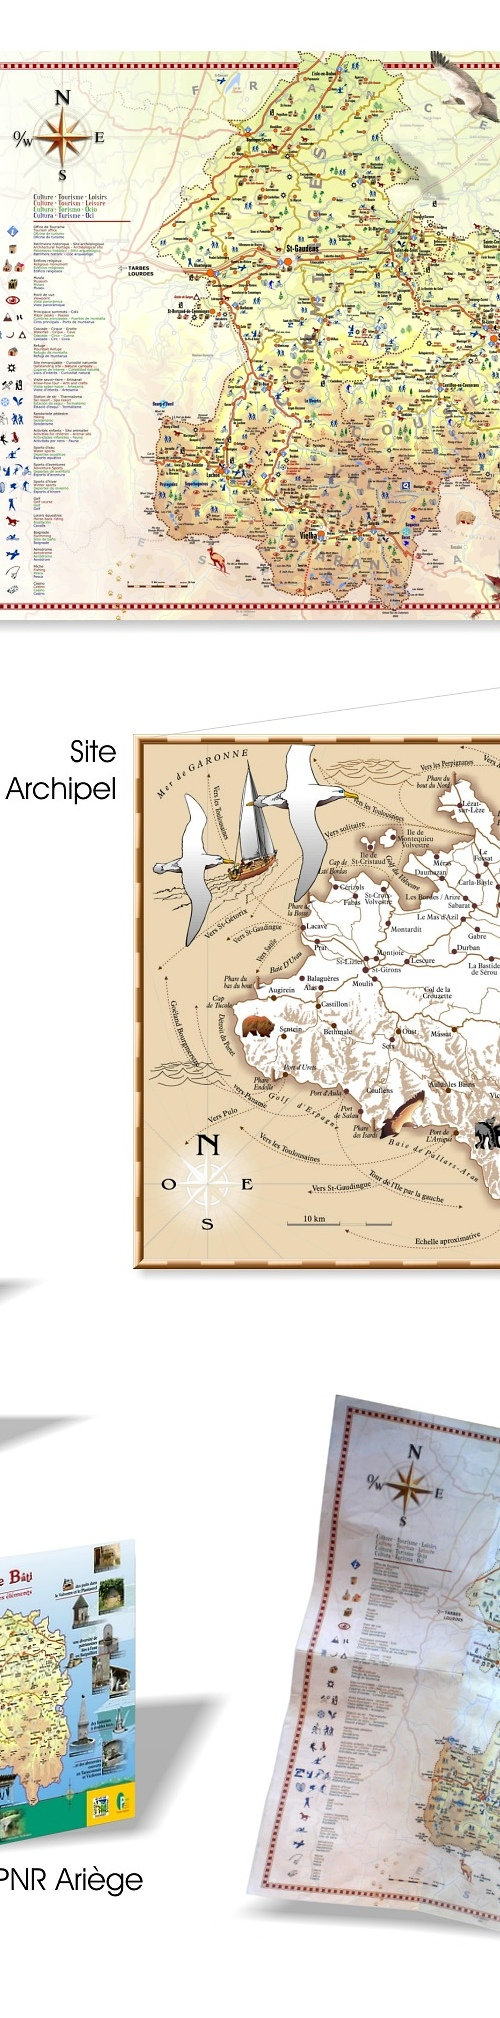 Travaux graphiques : Cartes touristiques, plans